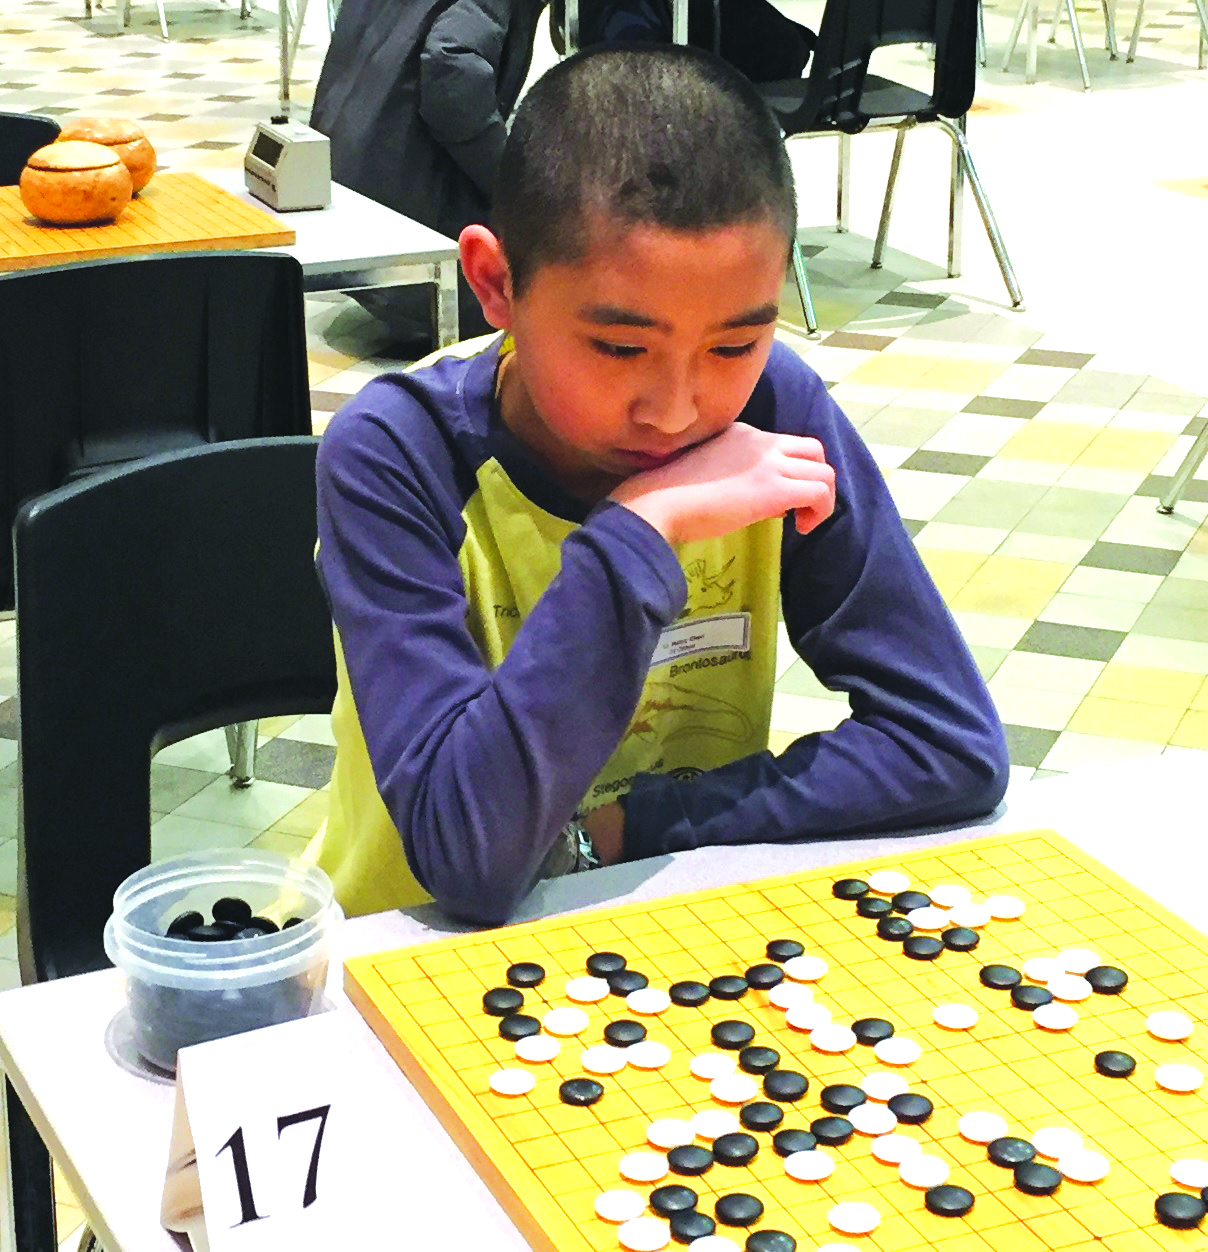 wo-shi-xiao-qi-shou-chen-tian-jing-5-duan-jiang-chu-zhan-ying-shi-bei-shi-jie-qing-shao-nian-wei-qi-jin-biao-sai